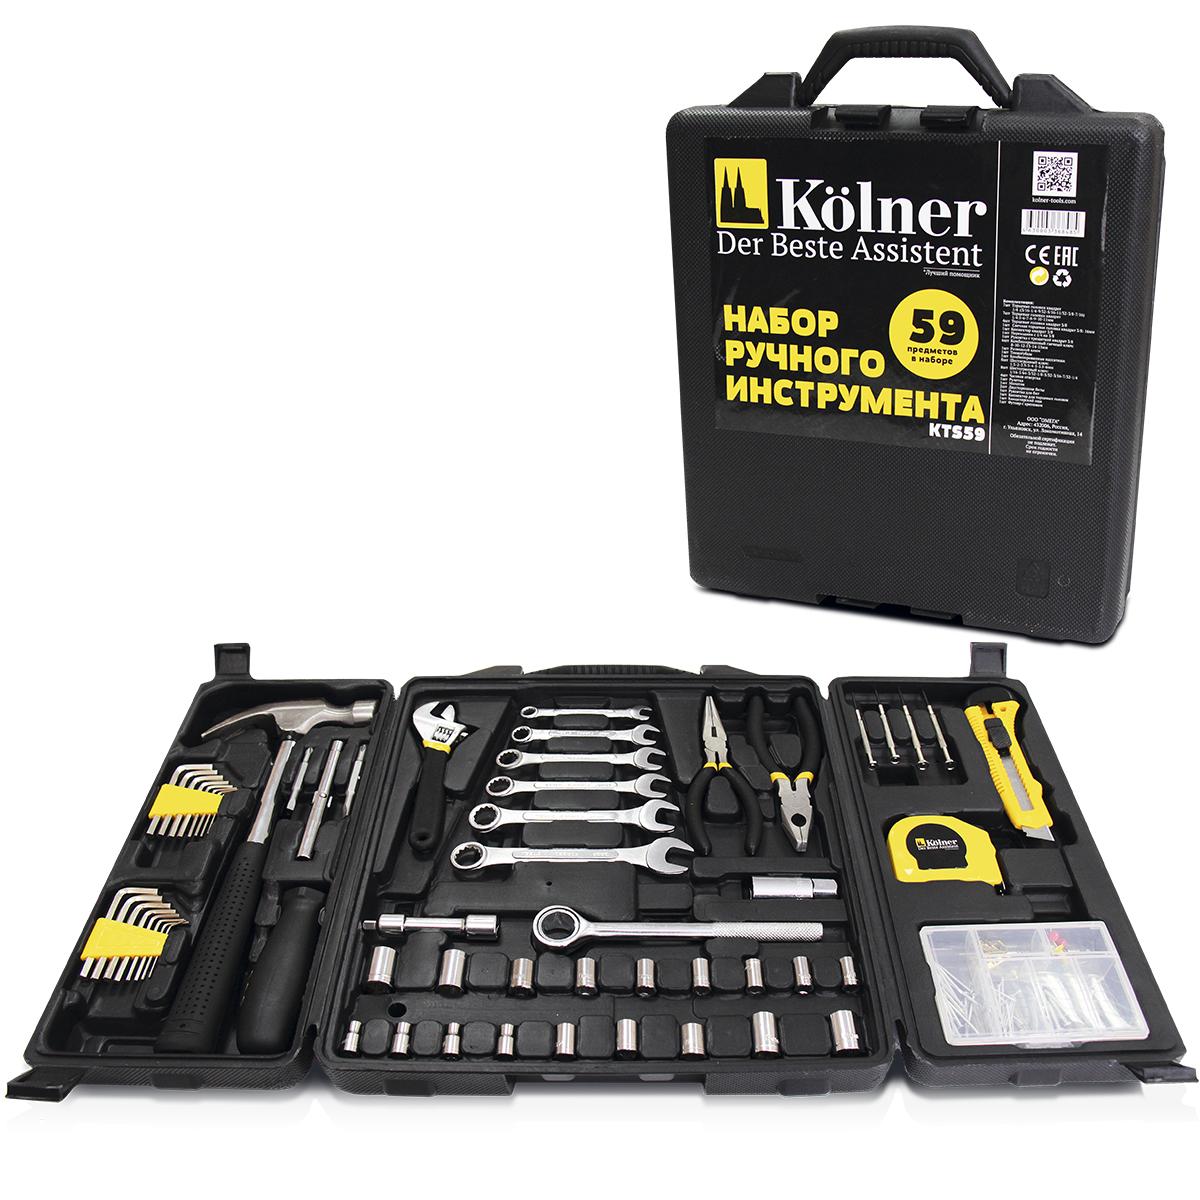 Набор инструментов Kolner KTS, 59 предметов аккумуляторная отвертка kolner kcsd 4 8 кн4 8